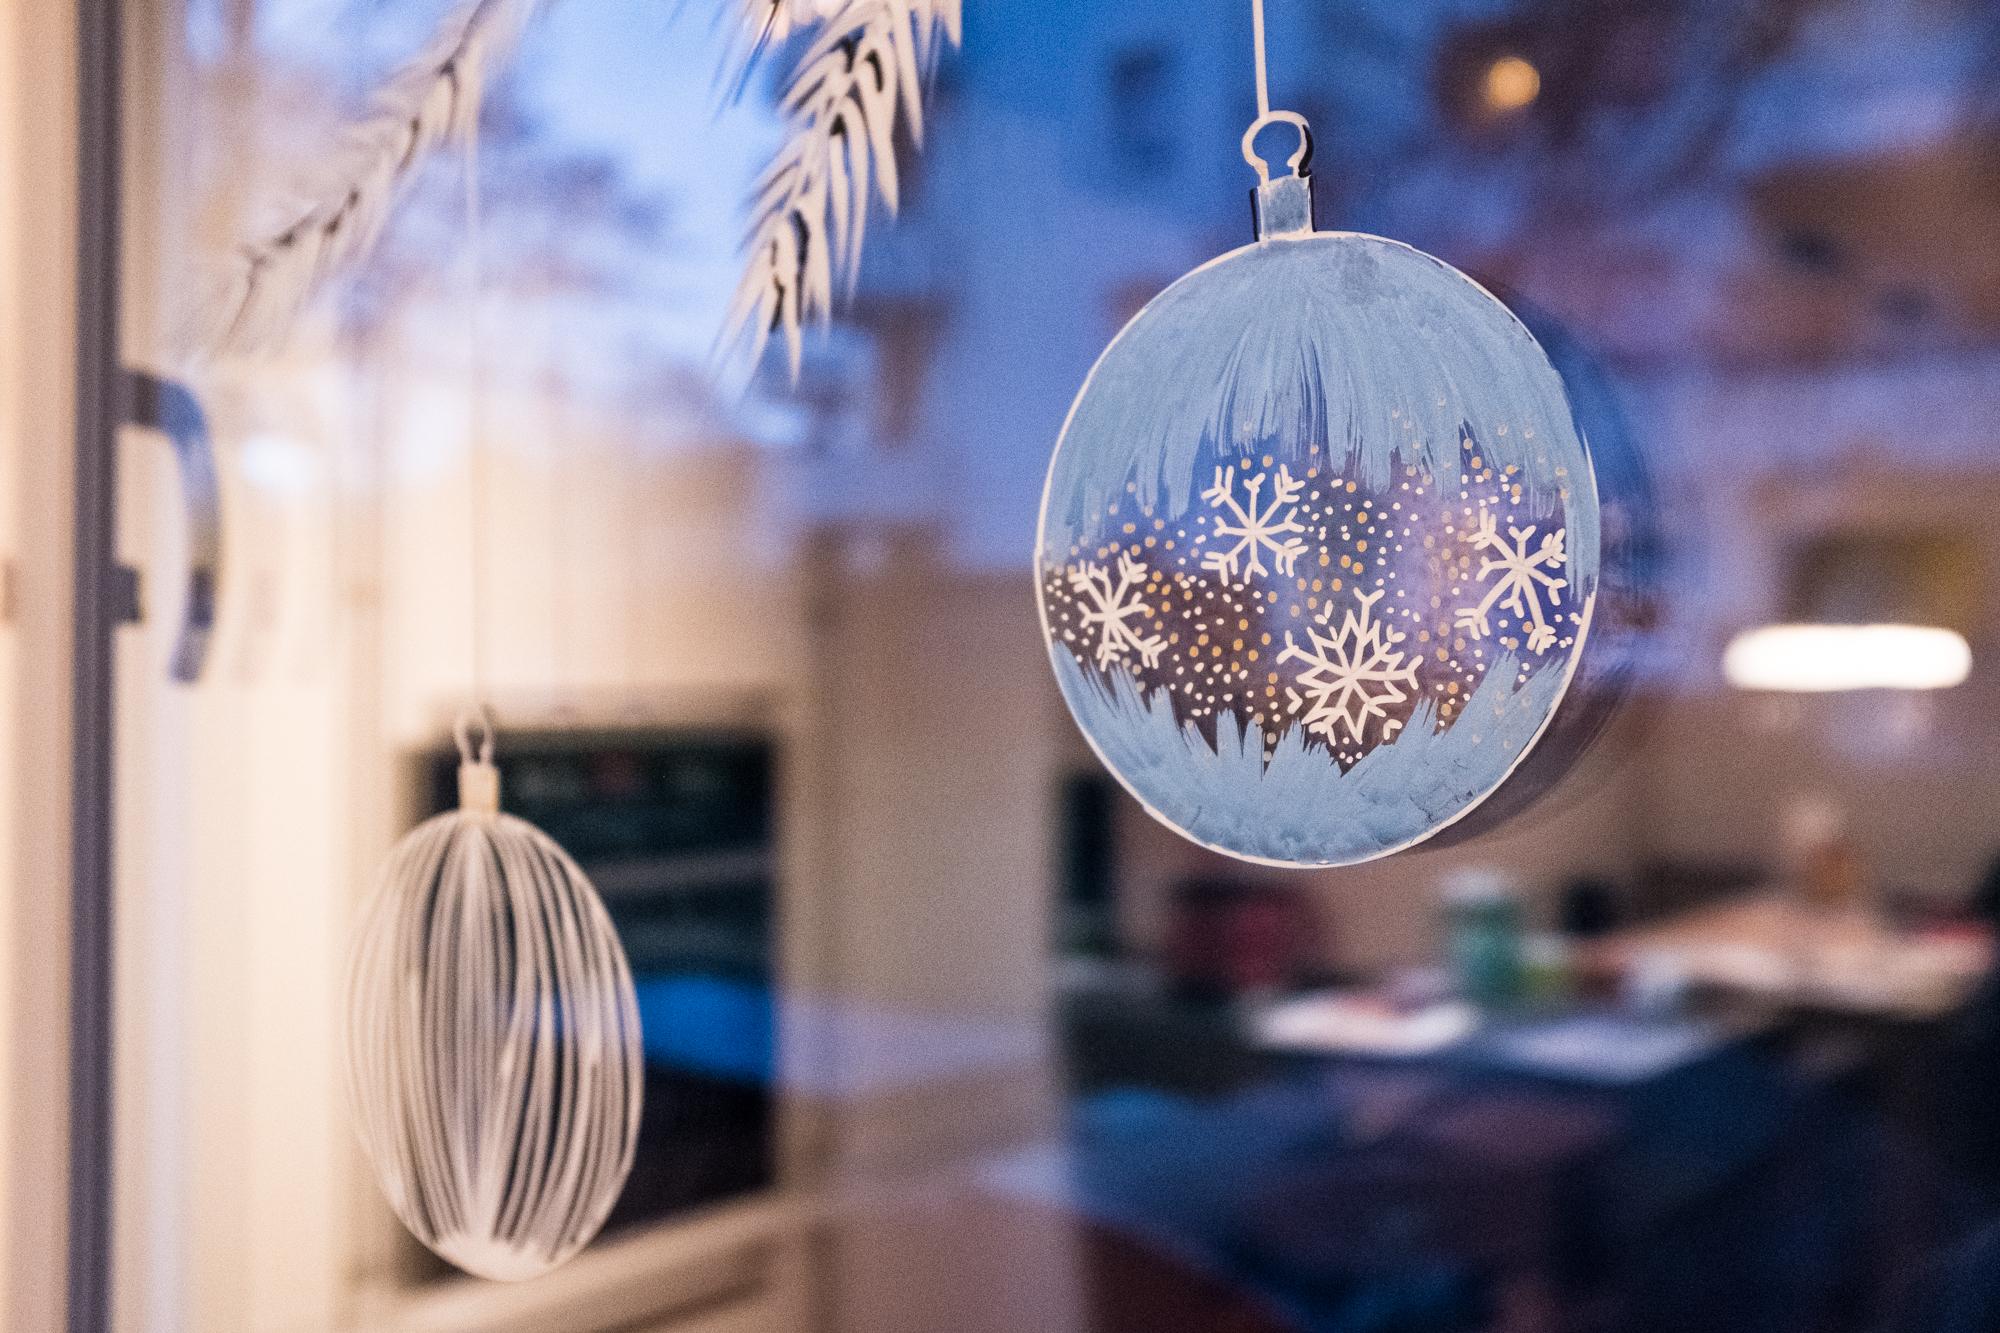 Ein mit Acrylmarkern bemaltes Fenster zeigt Weihnachtskugeln an einem Zweig hängend.